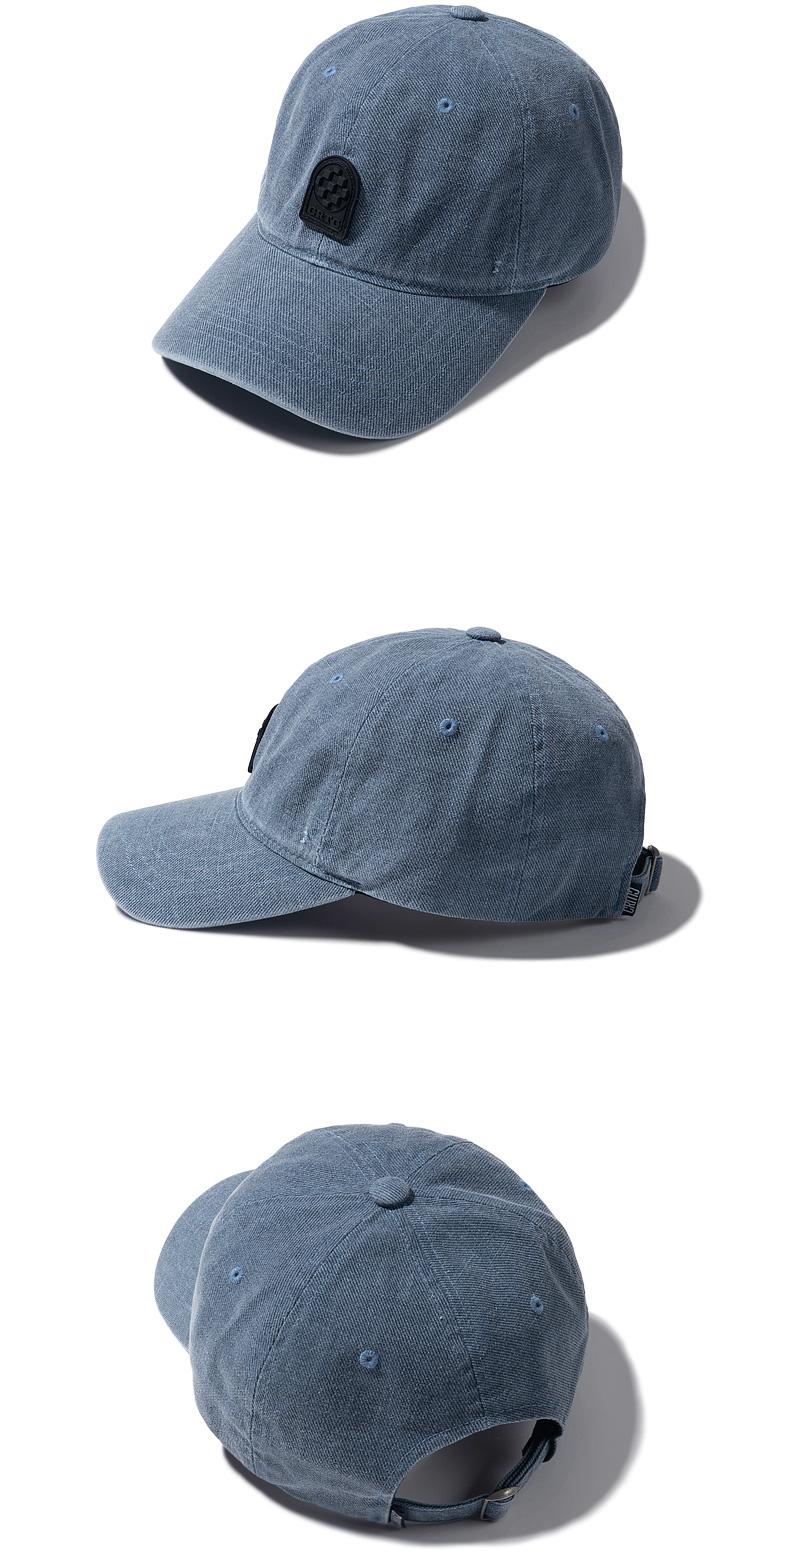 PIGMENT BALL CAP(DEEP BLUE)_CTTZPHW04UB6